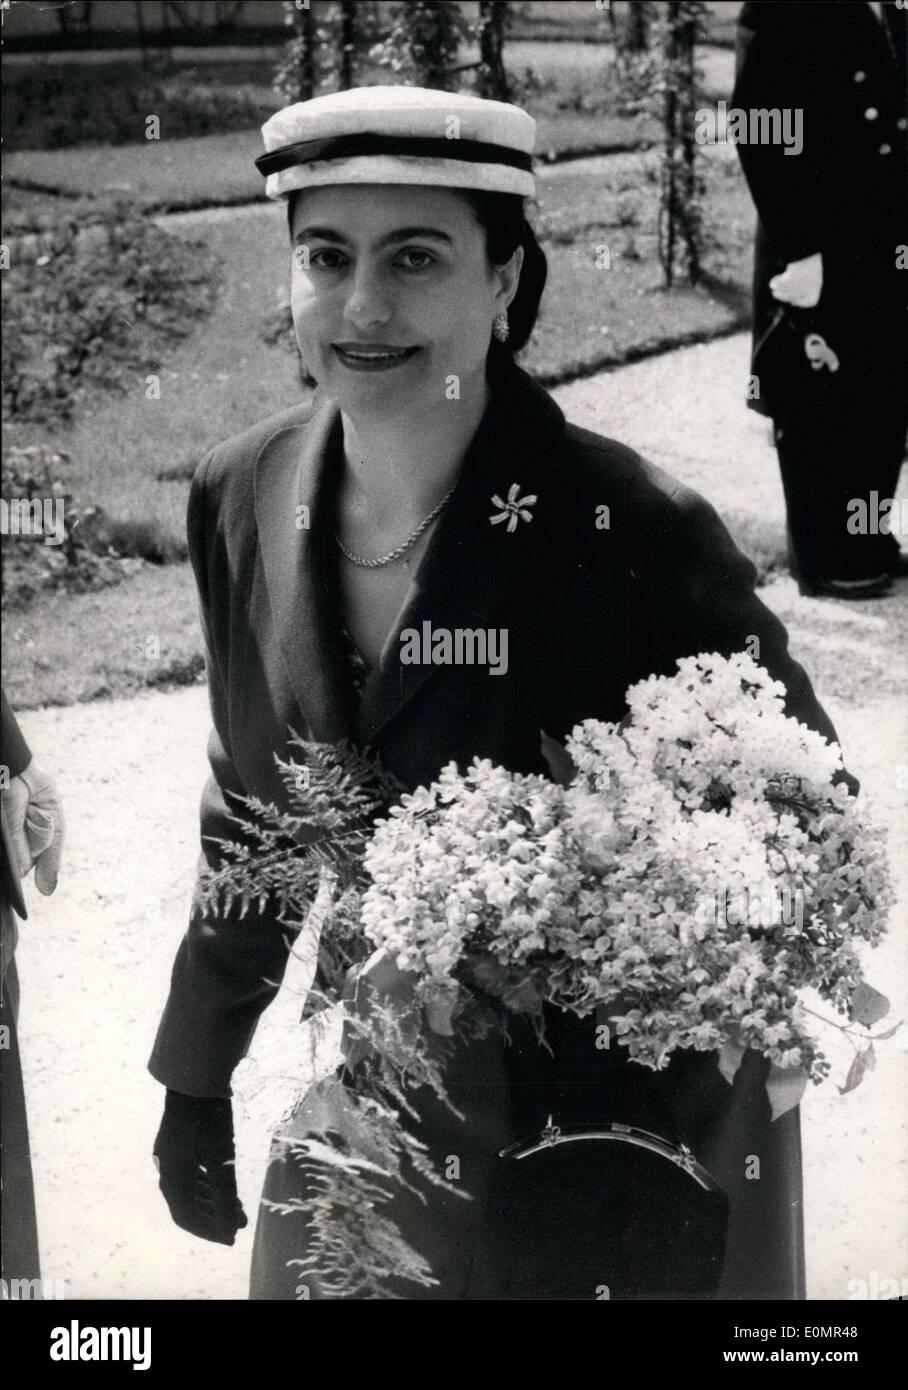 May 07, 1956 - Marshall Tito's Wife Madame Broz Walking at Elysee Palace - Stock Image